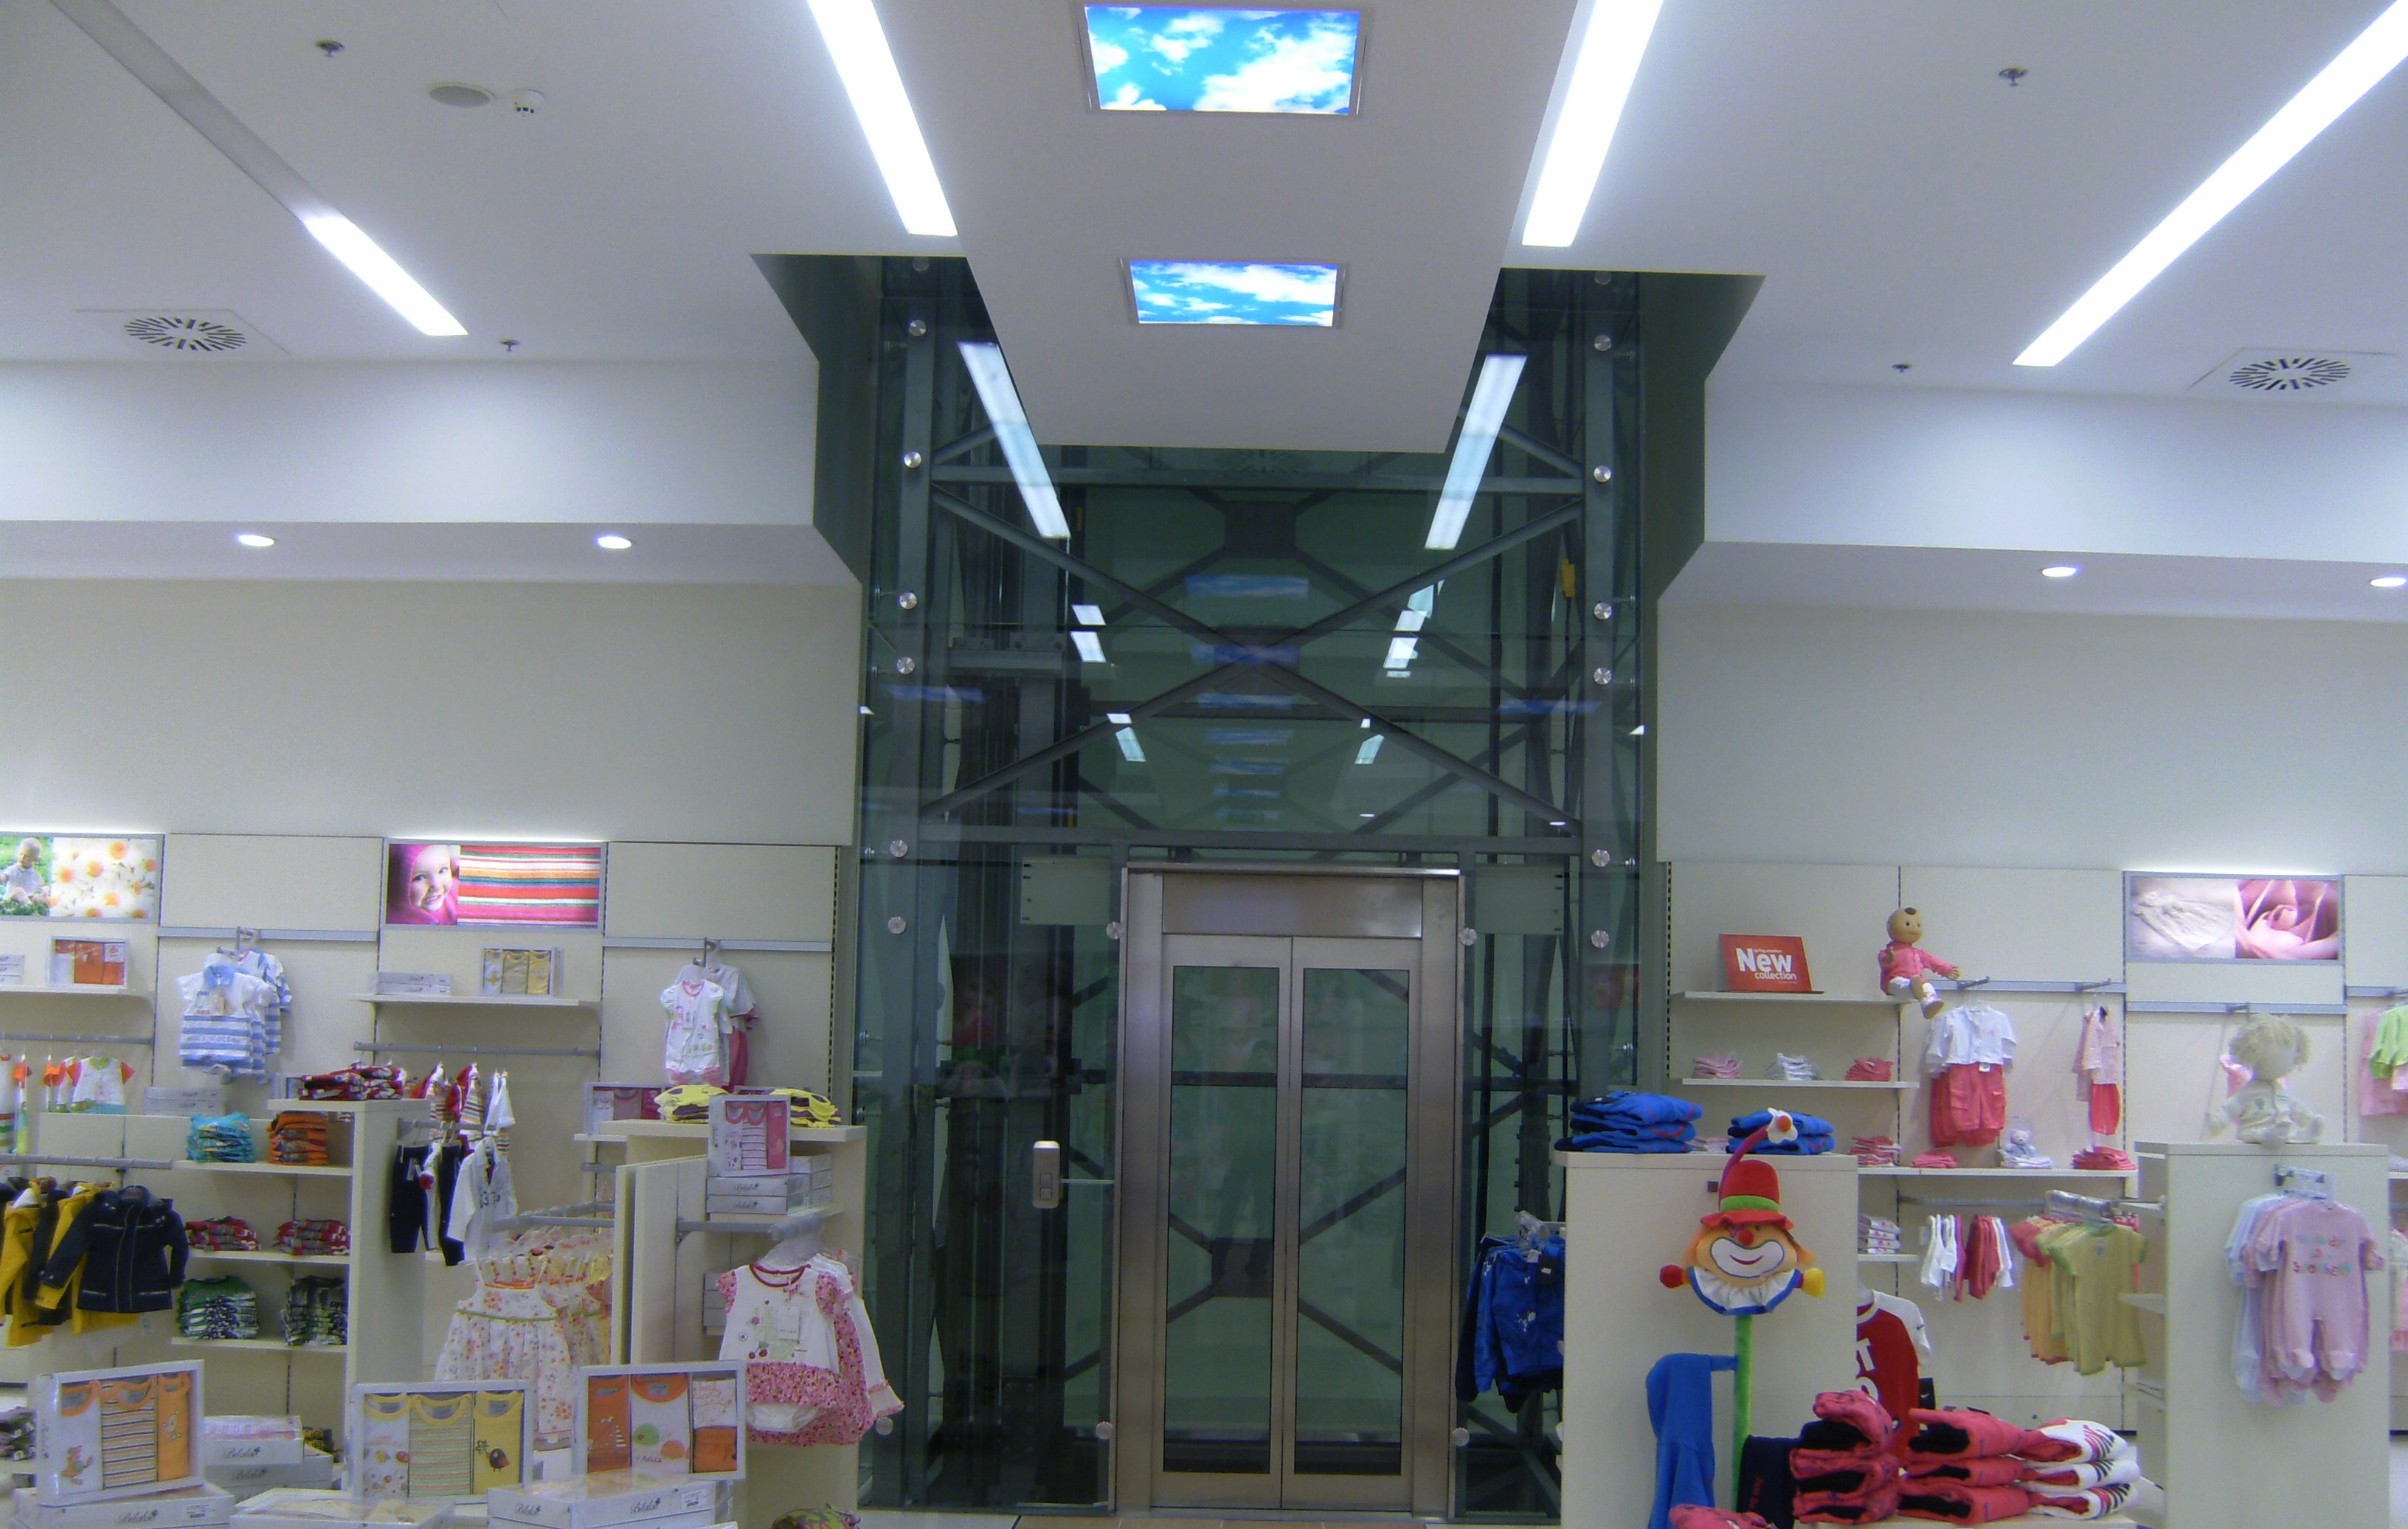 Αρχική  Λητώ Α.Ε. – Αθήνα (Καταστήματα Κηφισιάς   Αλίμου). Camera. Camera cb4146e933a